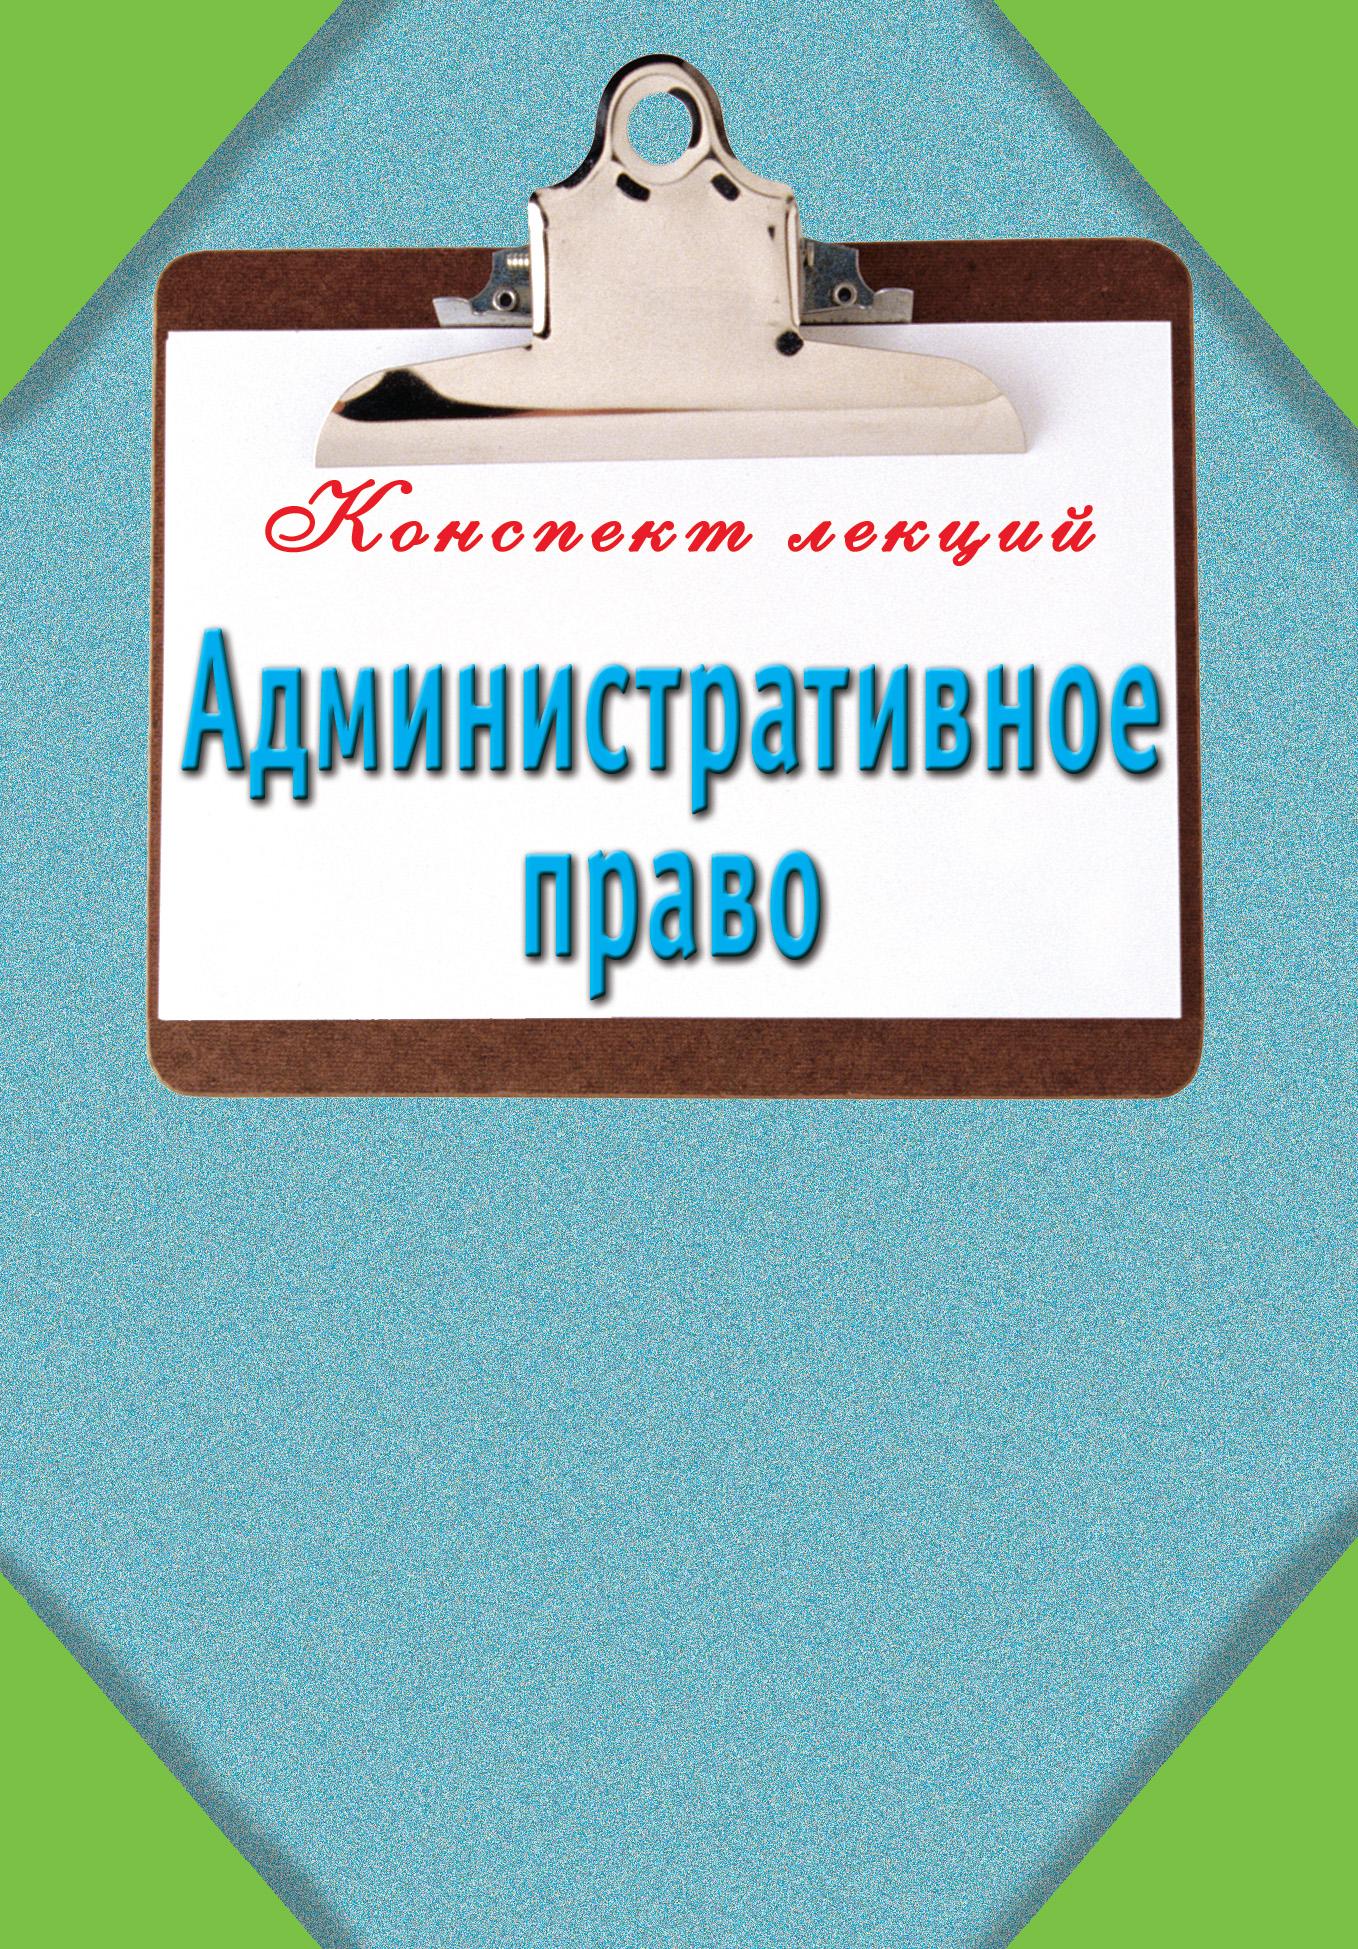 Отсутствует Административное право административное право проспект 978 5 392 21204 0